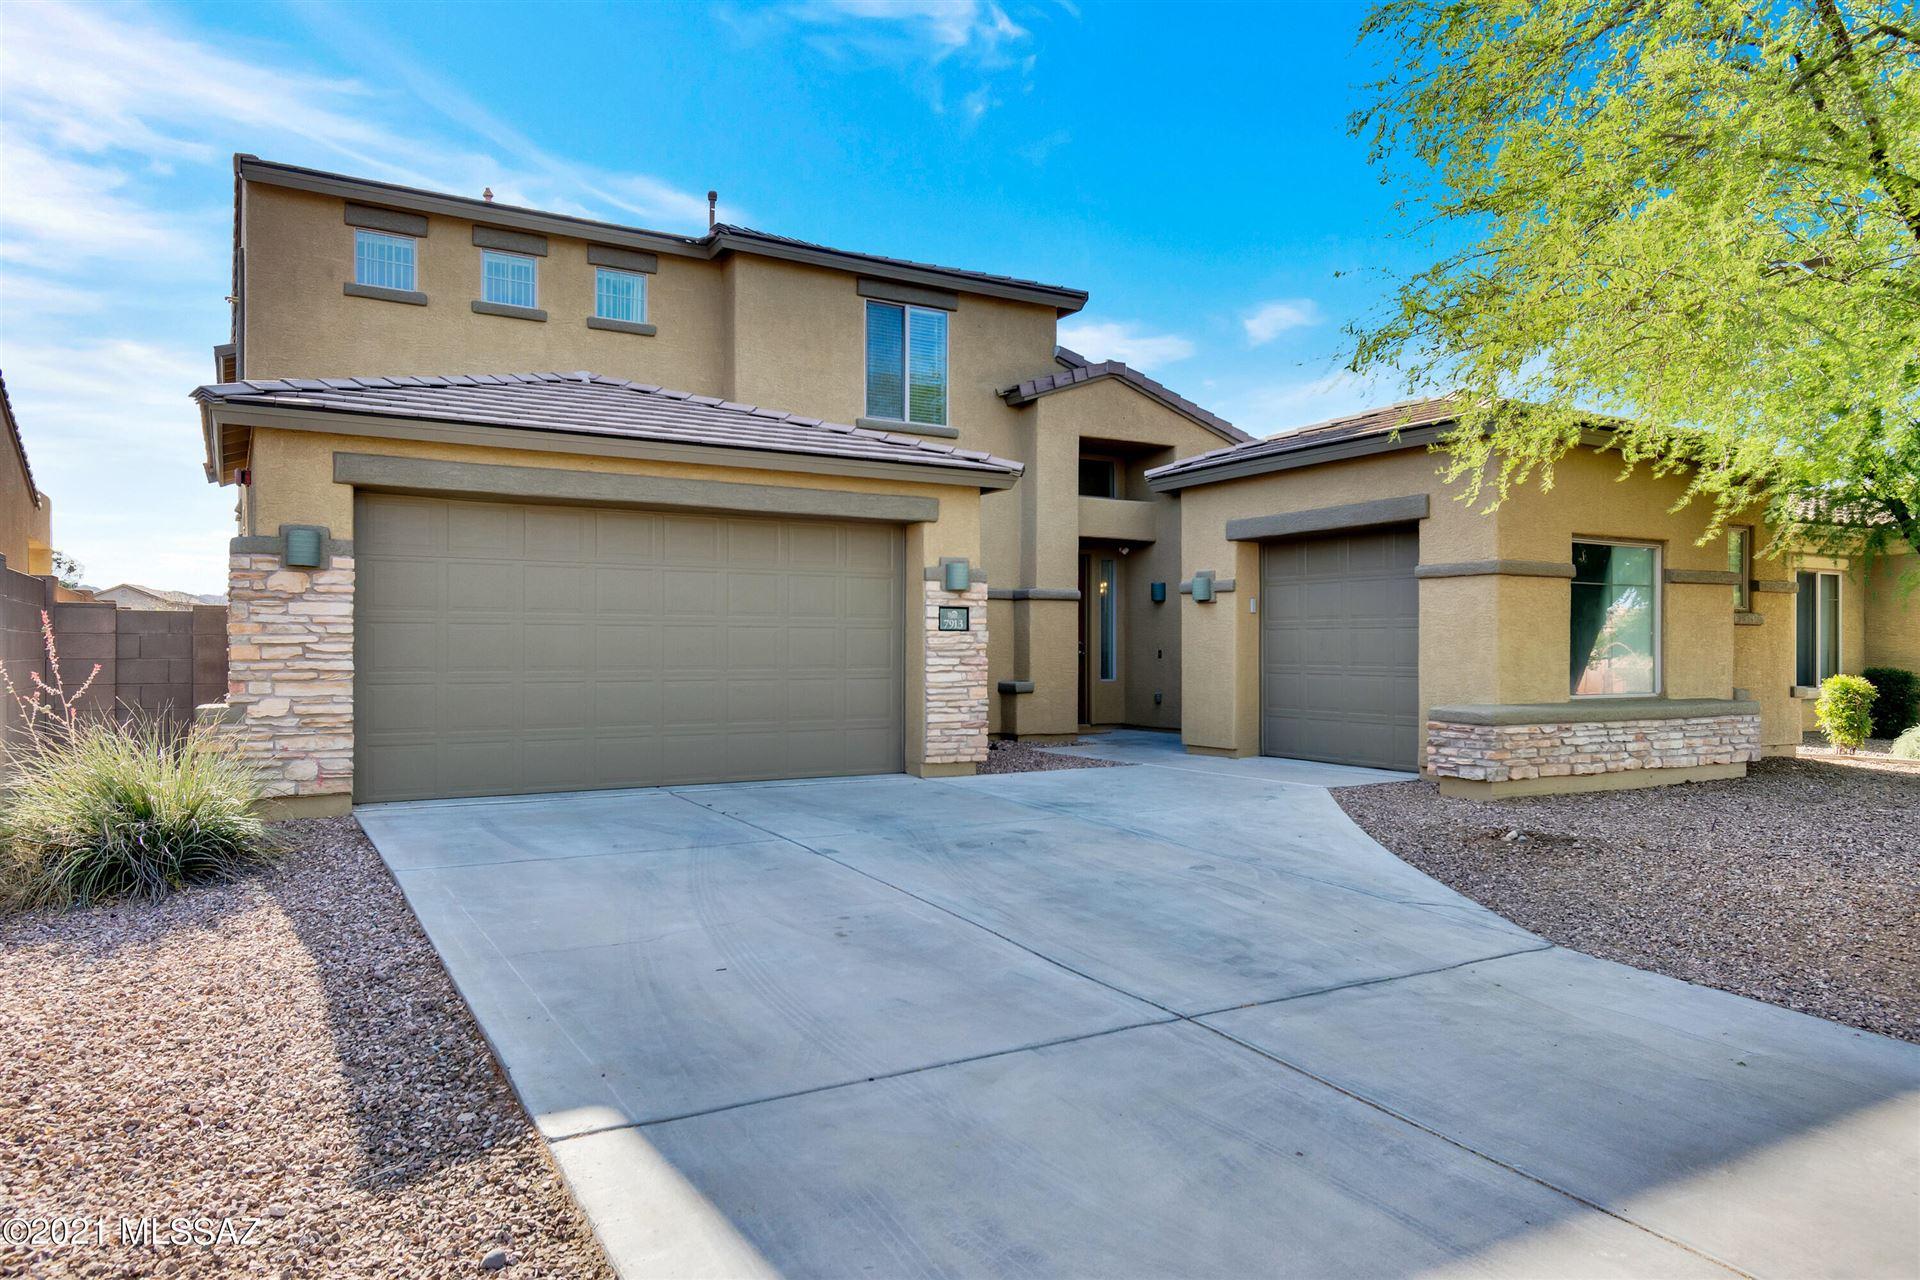 7913 N Coltrane Lane, Tucson, AZ 85743 - MLS#: 22115146